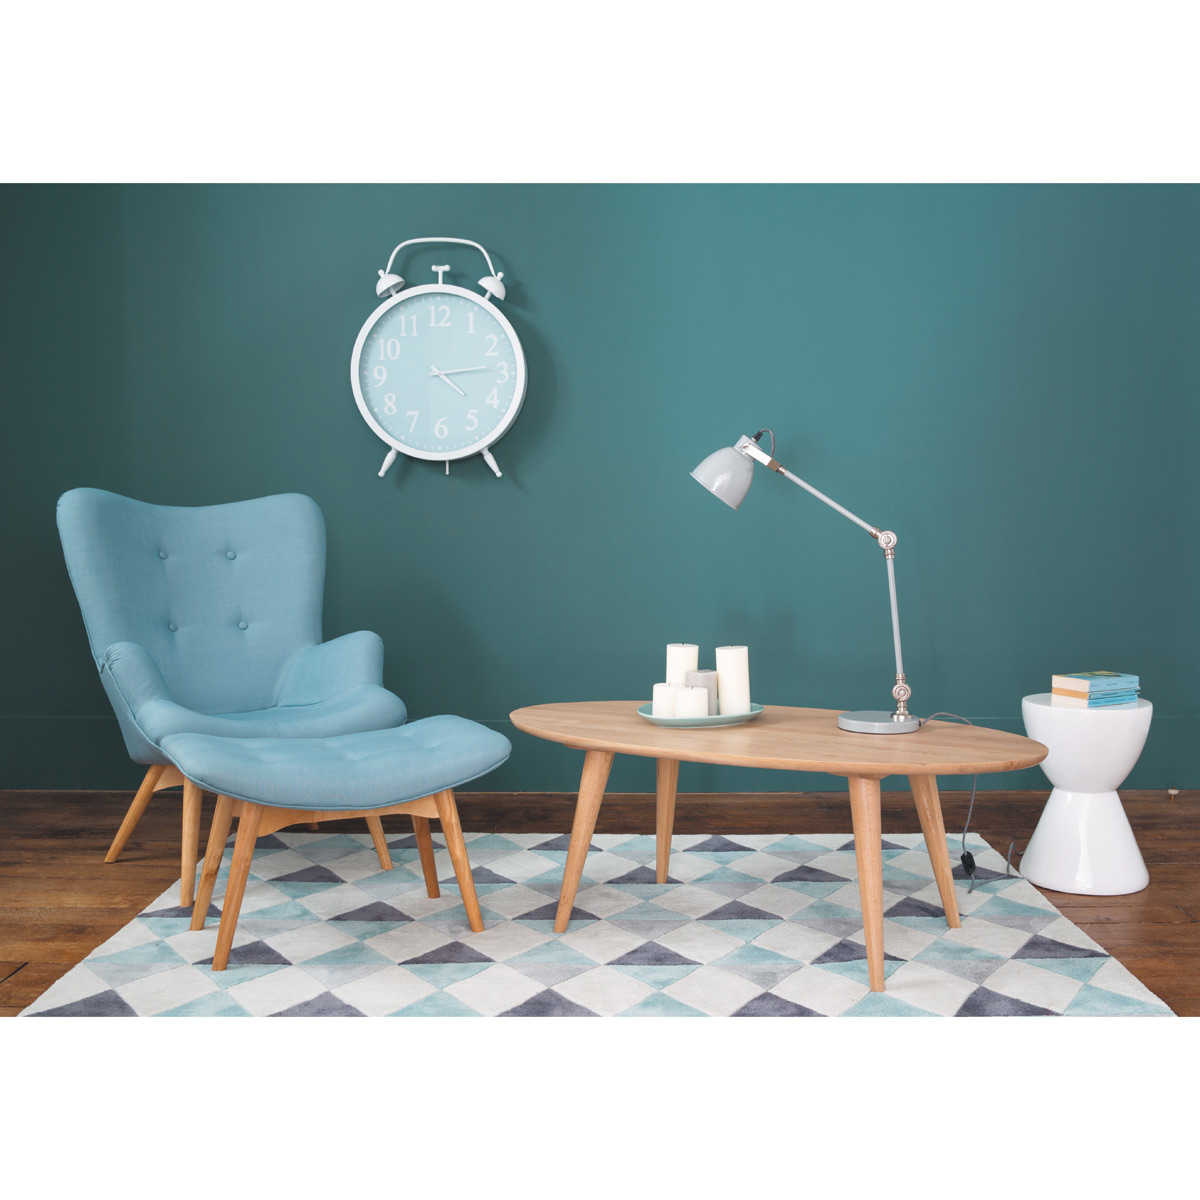 fauteuil vintage bleu iceberg maisons du monde